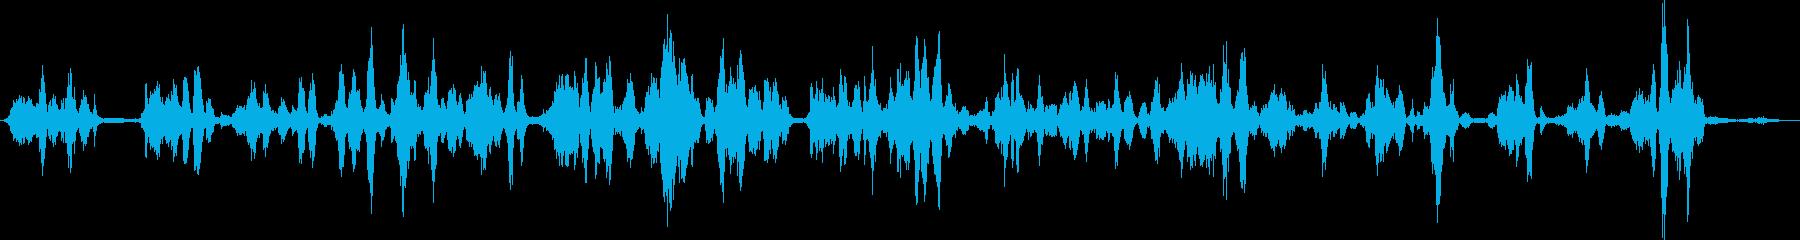 明るい散乱した失われた電気音声通信の再生済みの波形